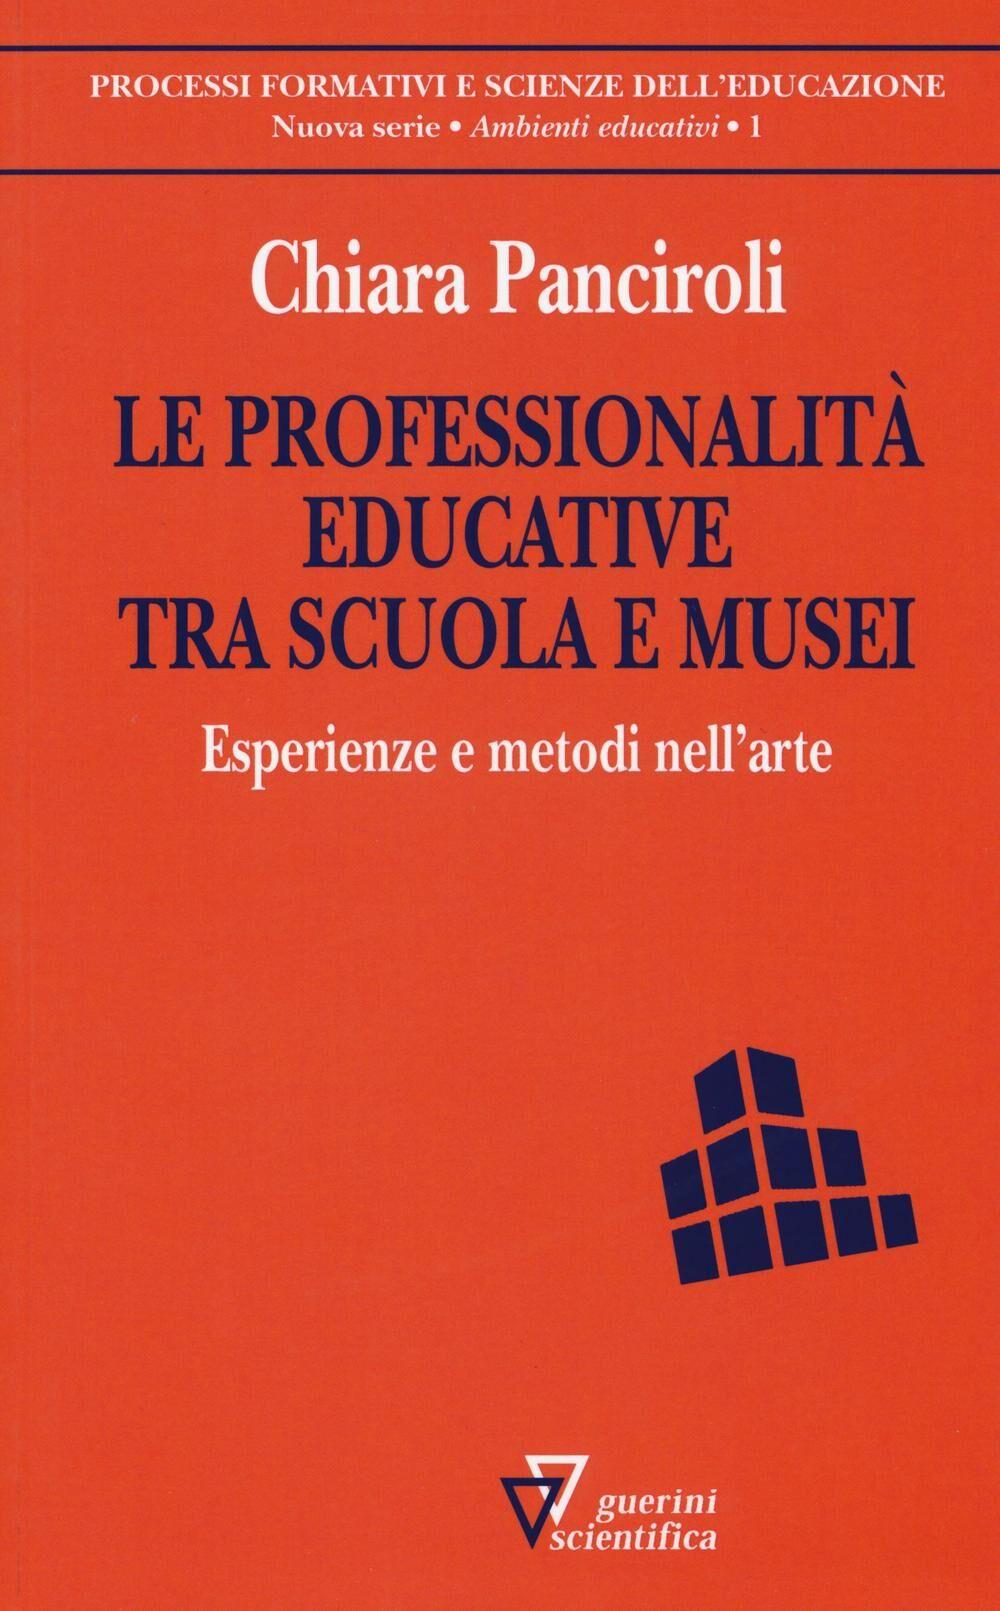 Le professionalità educative tra scuola e musei. Esperienze e metodi nell'arte